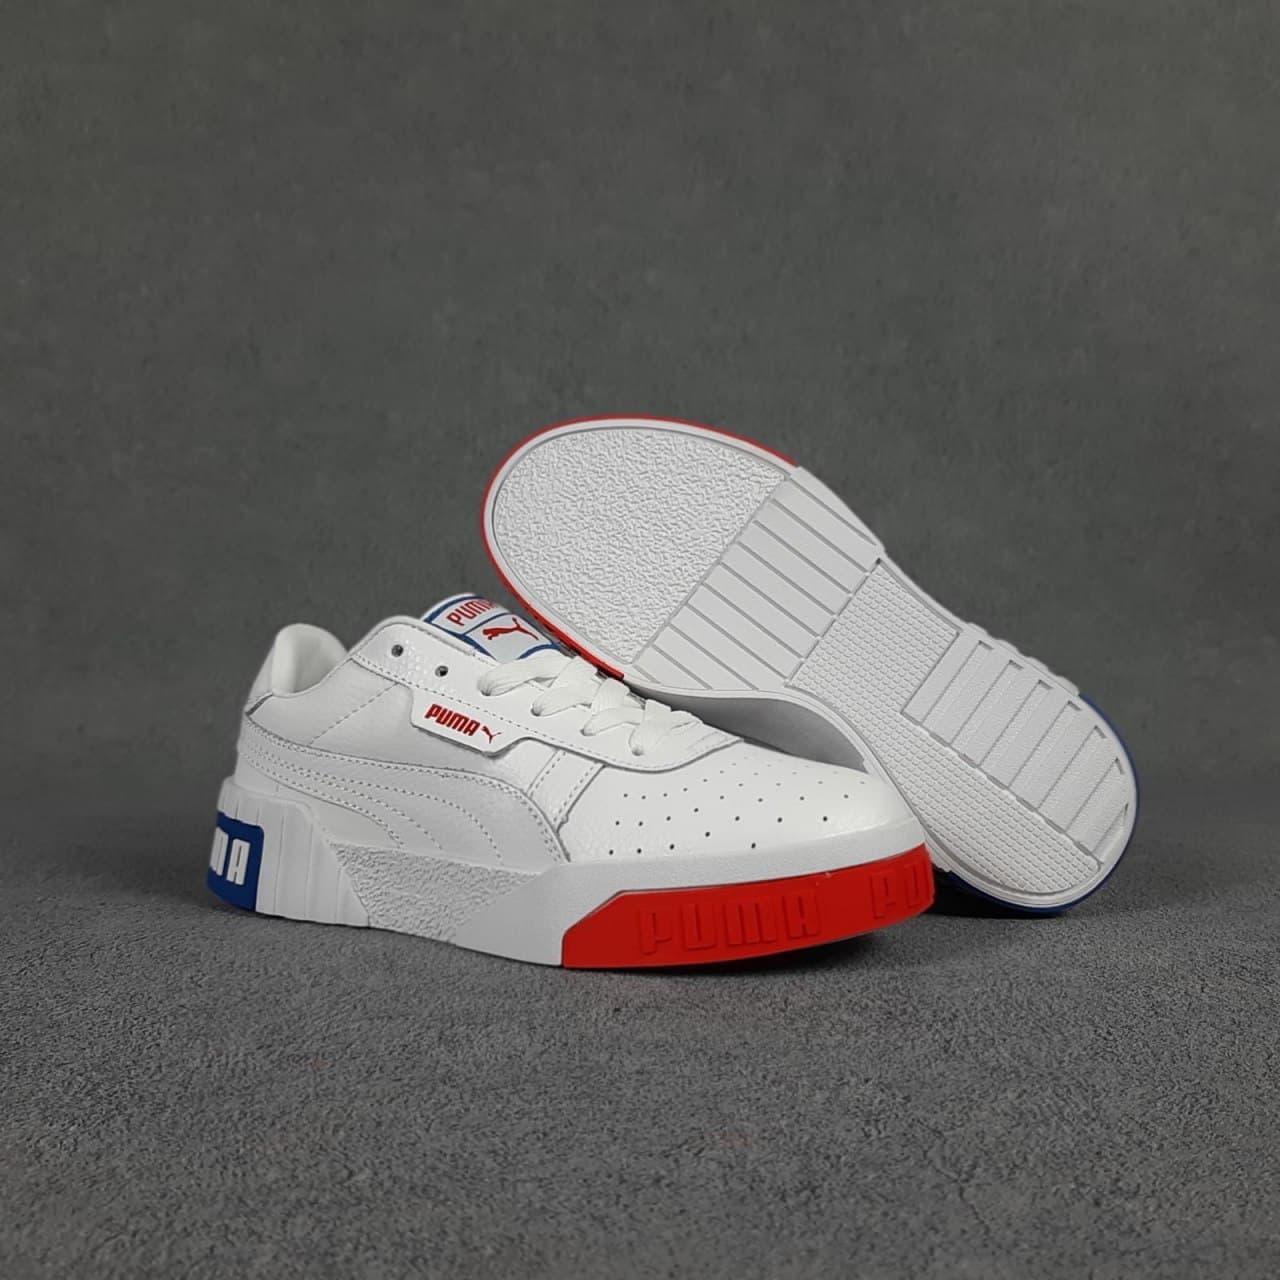 Женские весенние кроссовки Puma cali (белый с красным и синим) O20154 спортивные легкие кеды